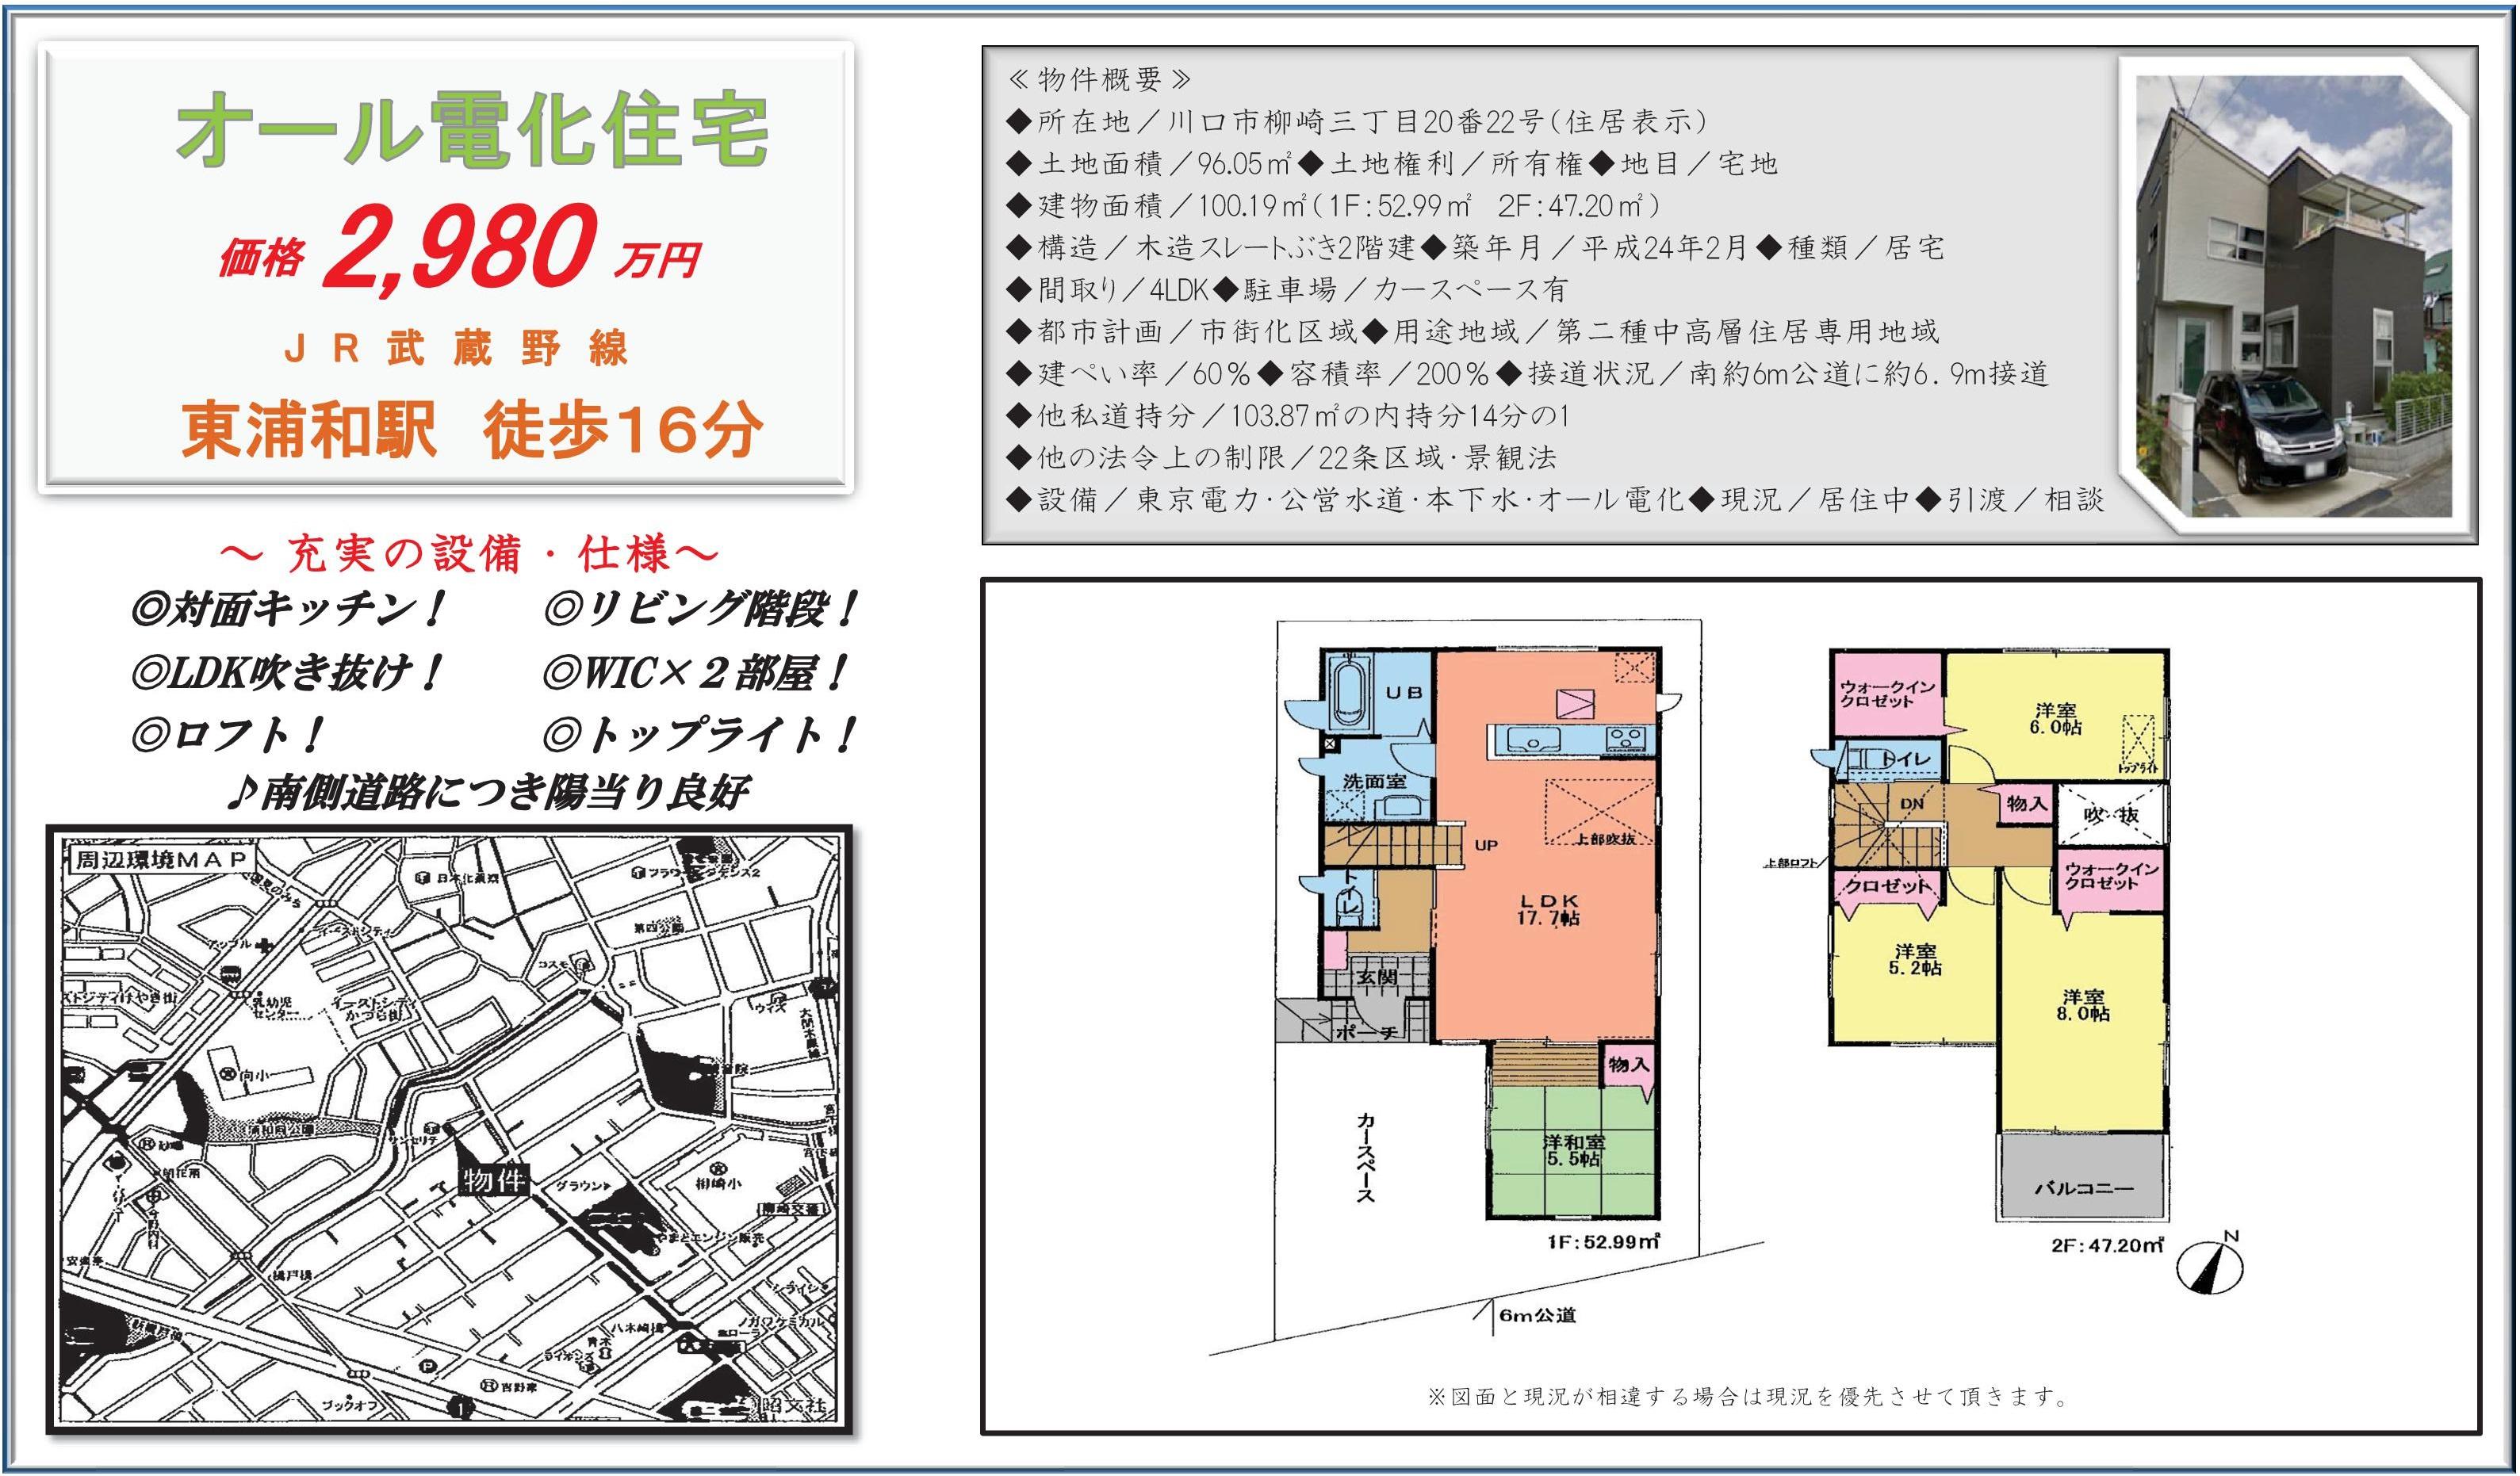 柳崎3丁目 マイソク オビナシ.jpg